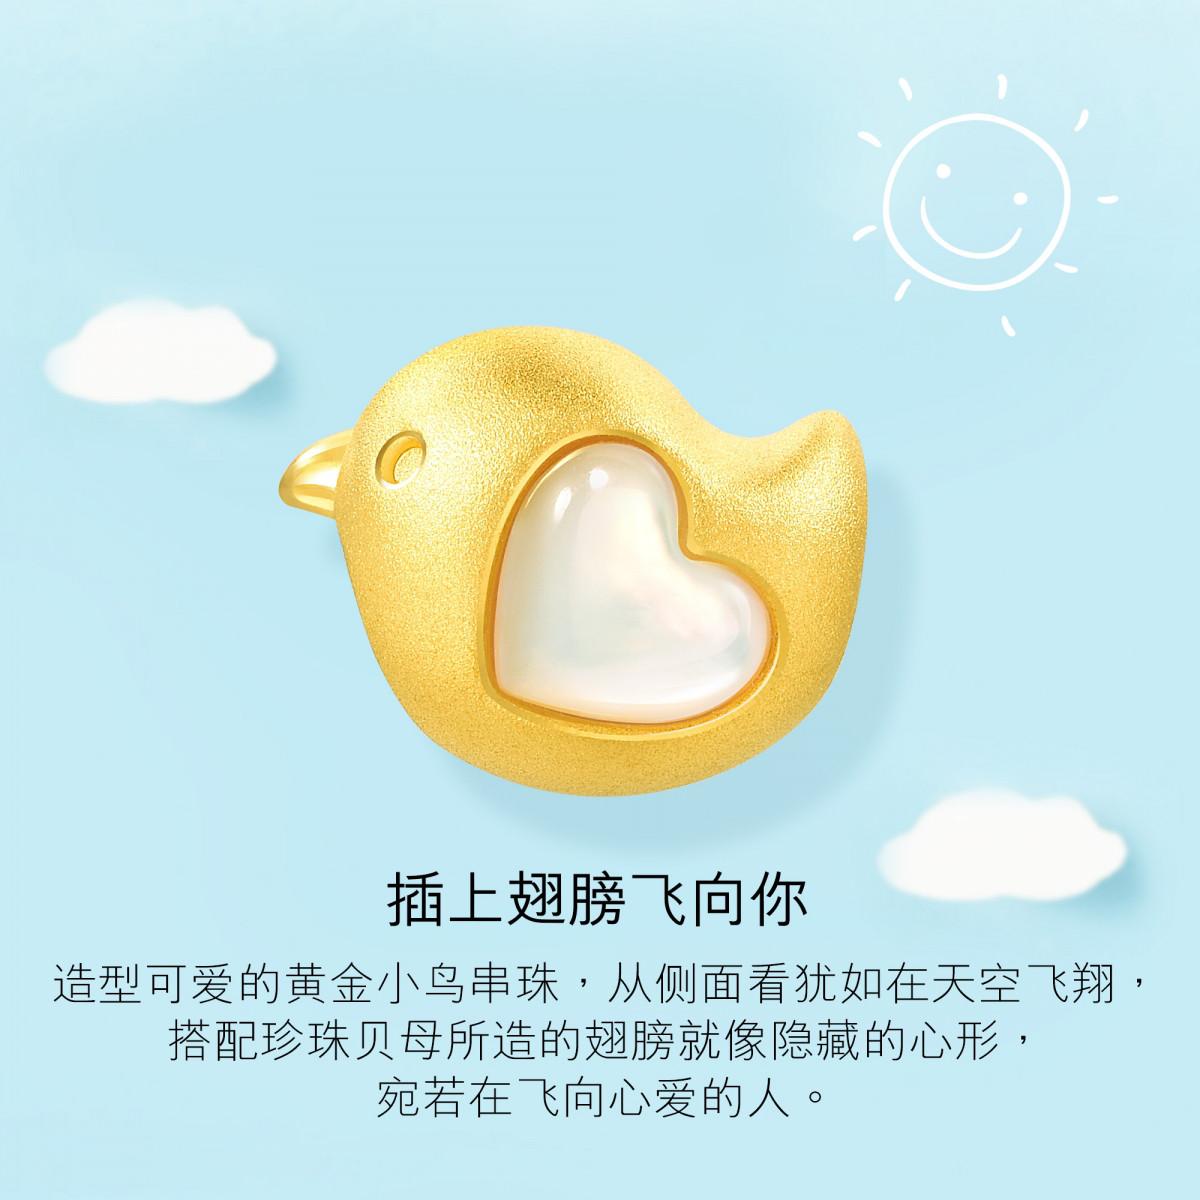 周生生周生生黄金(足金)Charme可爱系列小鸟贝母转运珠(配绳需另购)91591CB000001如图